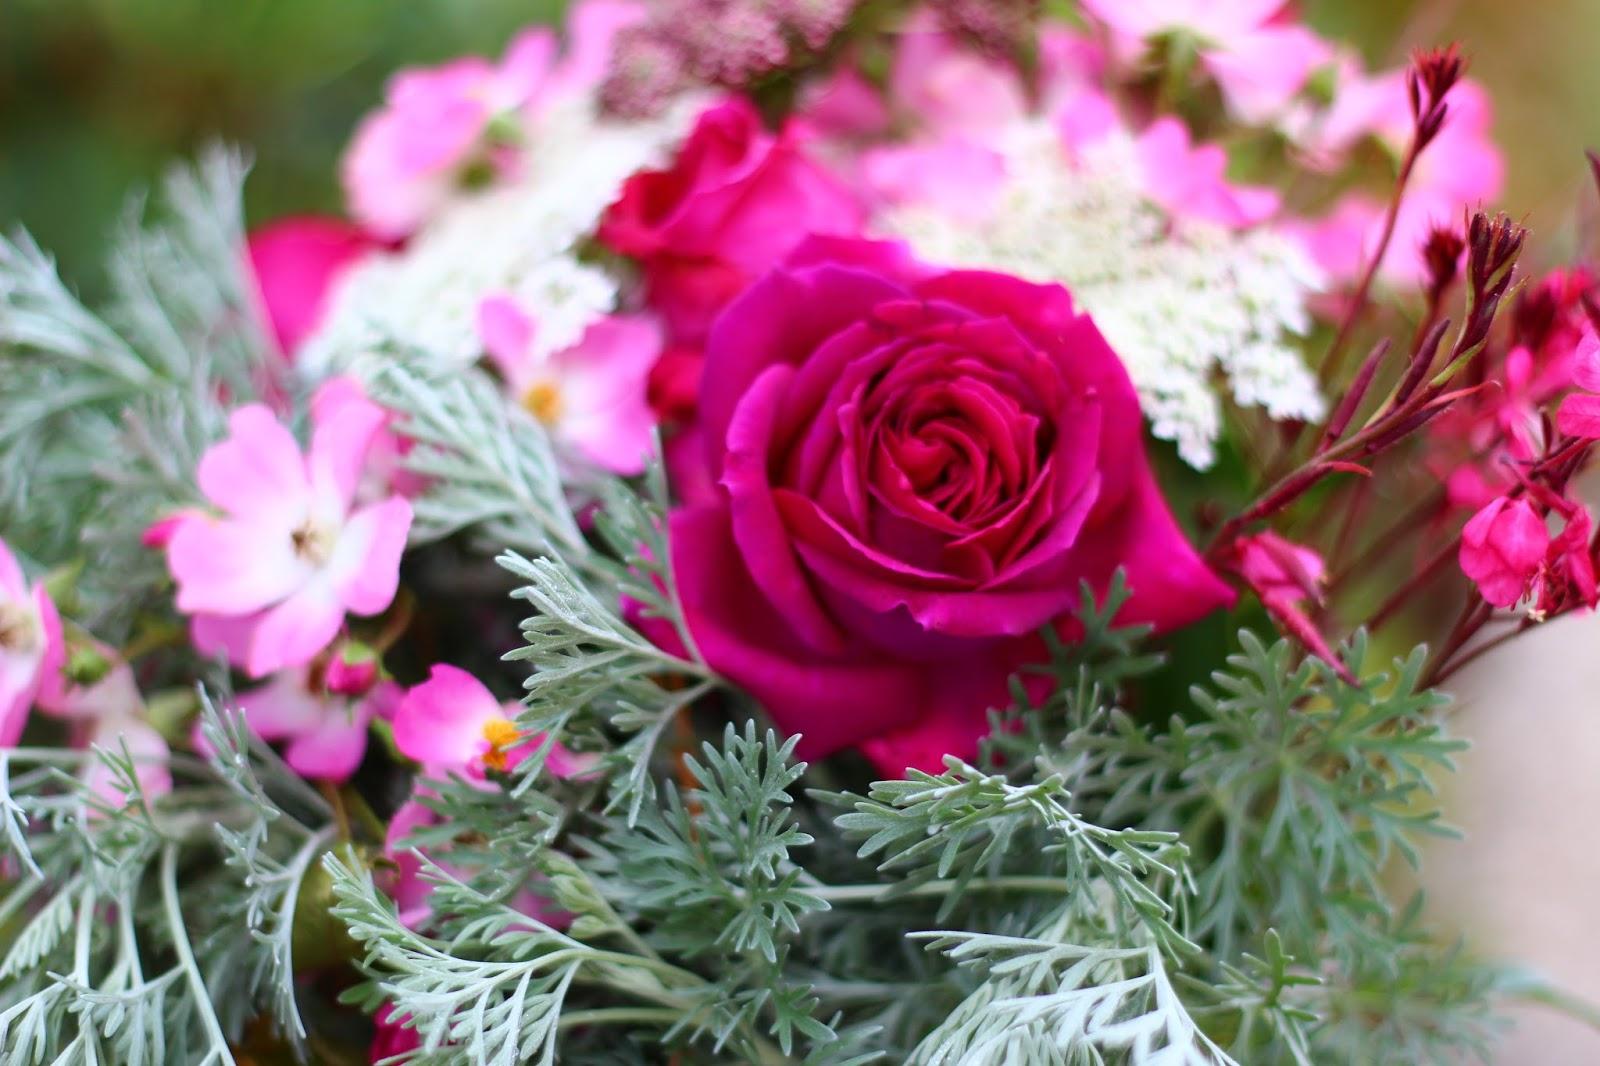 roses du jardin ch neland rosier imaginaire parfum. Black Bedroom Furniture Sets. Home Design Ideas